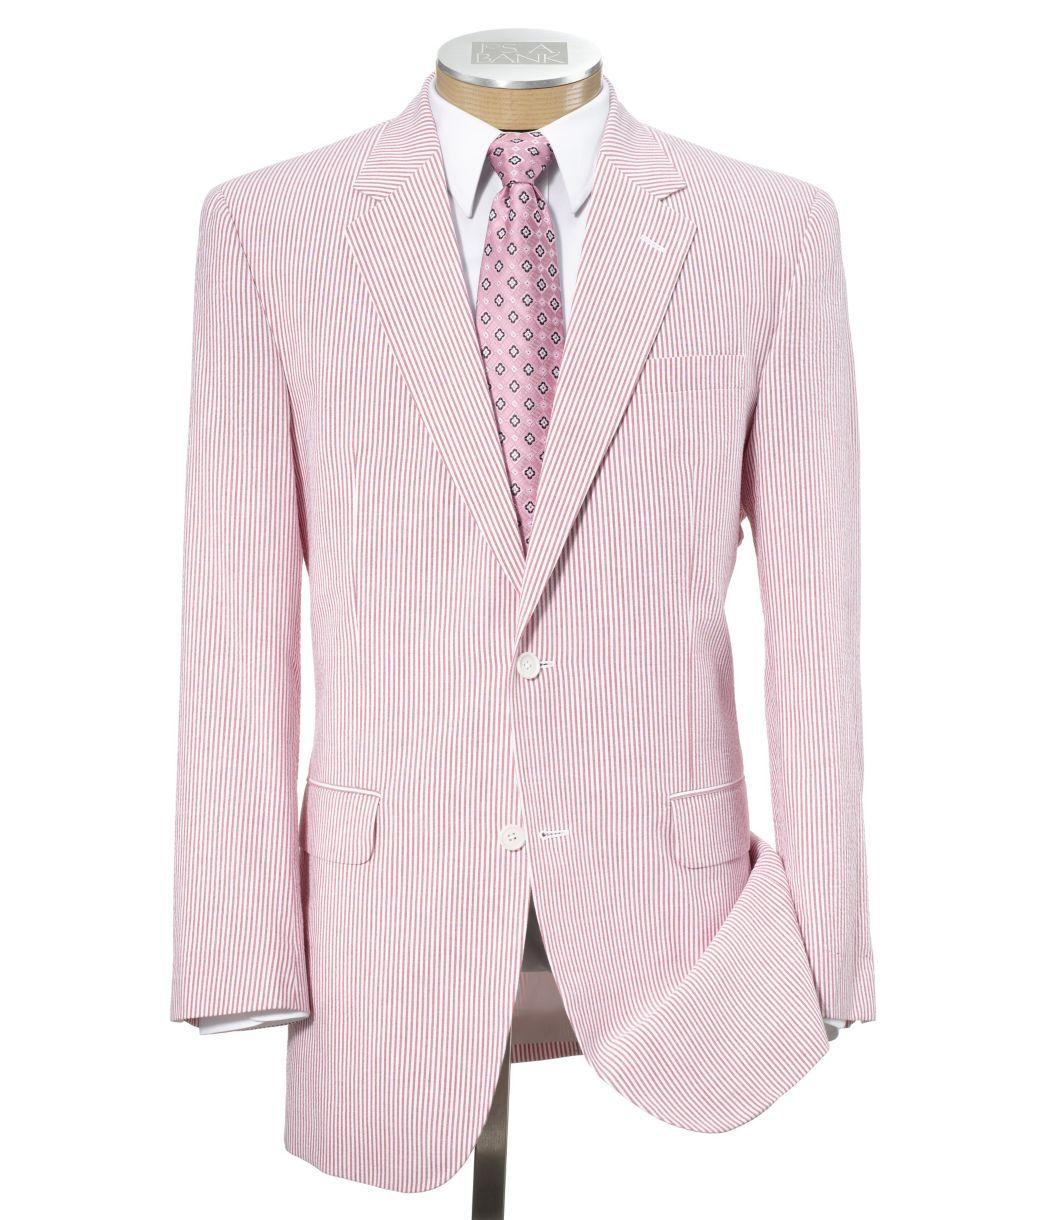 JoS. A. Bank Pink Seersucker Suit  f700294976c